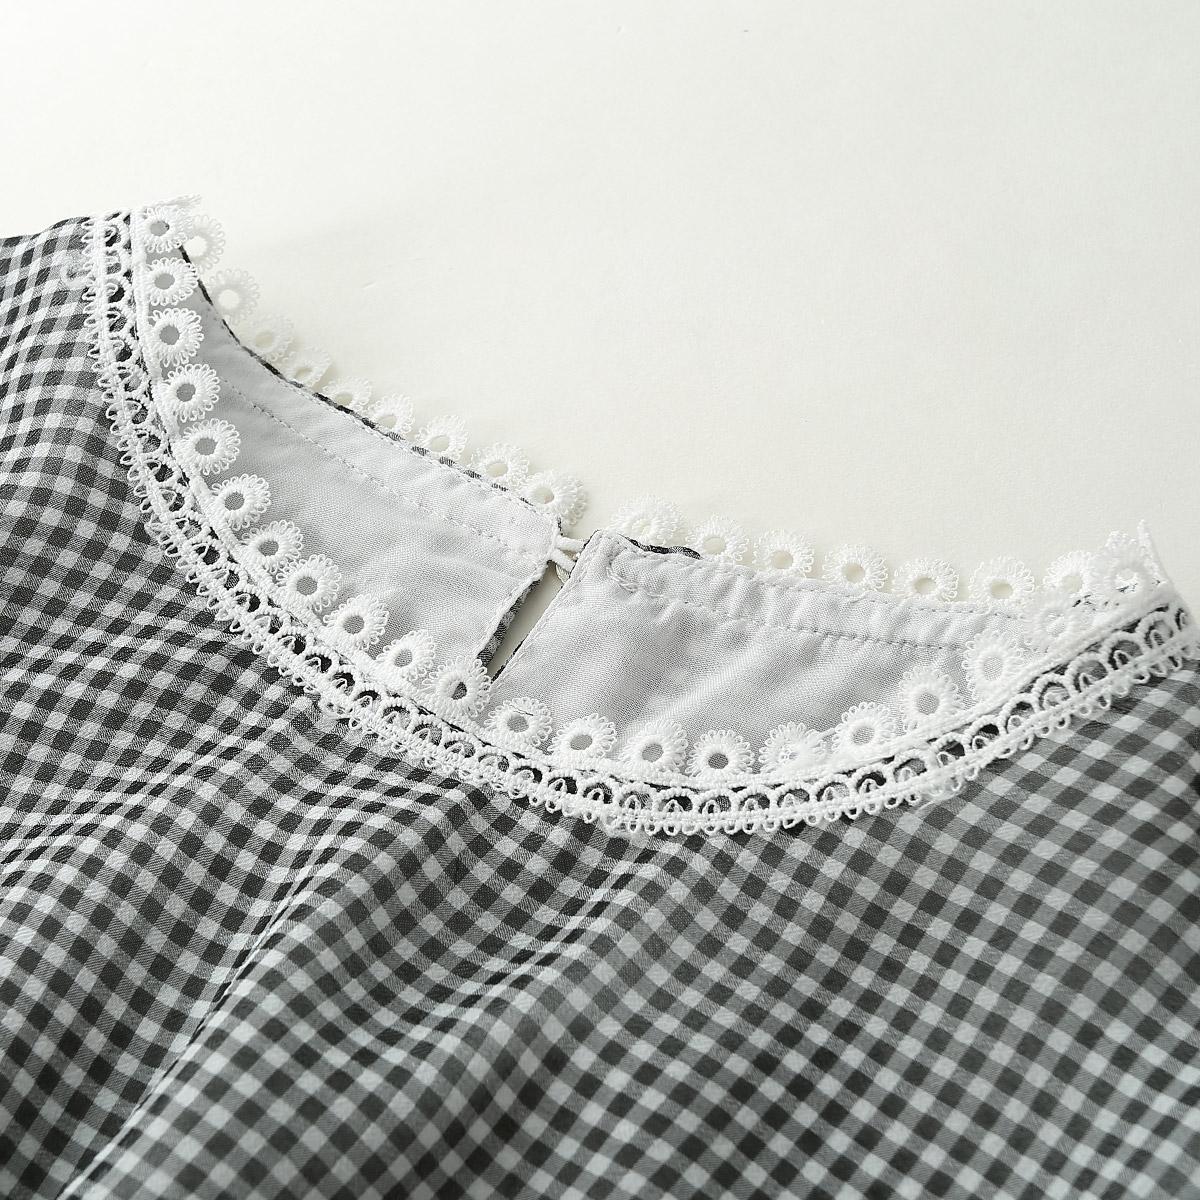 立秋了,老婆把连衣裙全收了,换上这样的秋装,洋气显瘦真好看